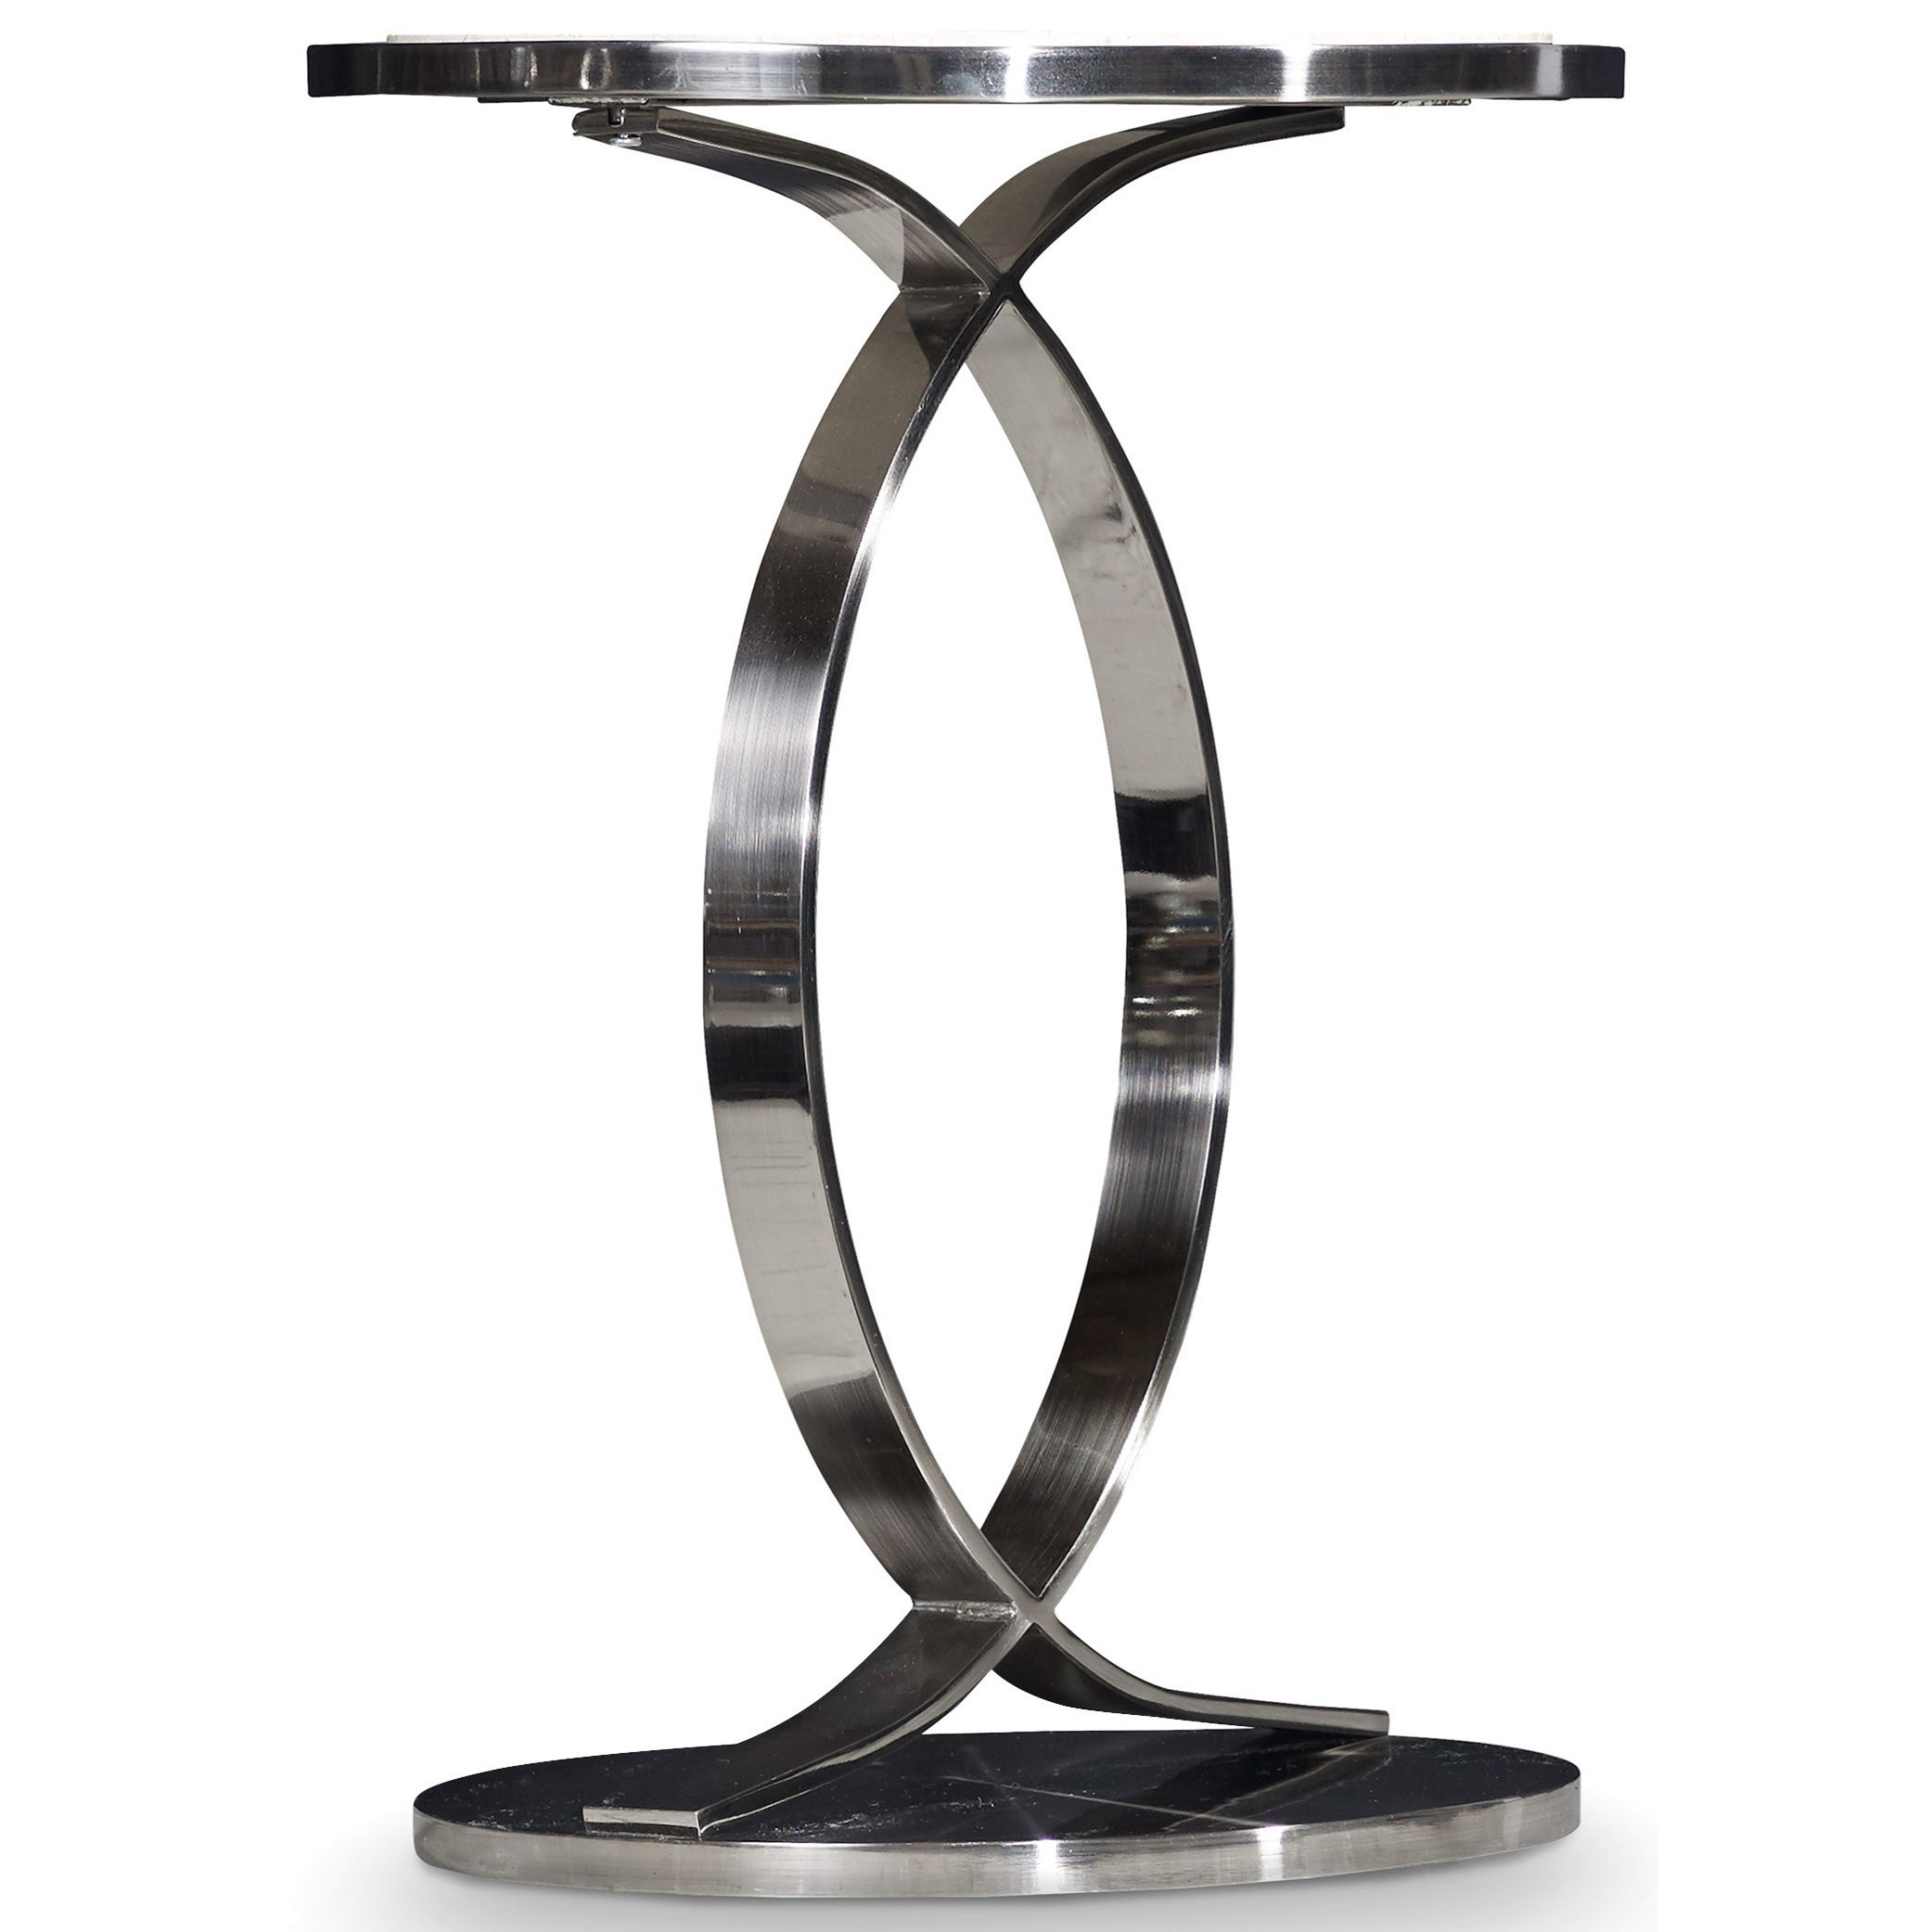 Hooker Furniture East Village Martini Table - Item Number: 5442-80117